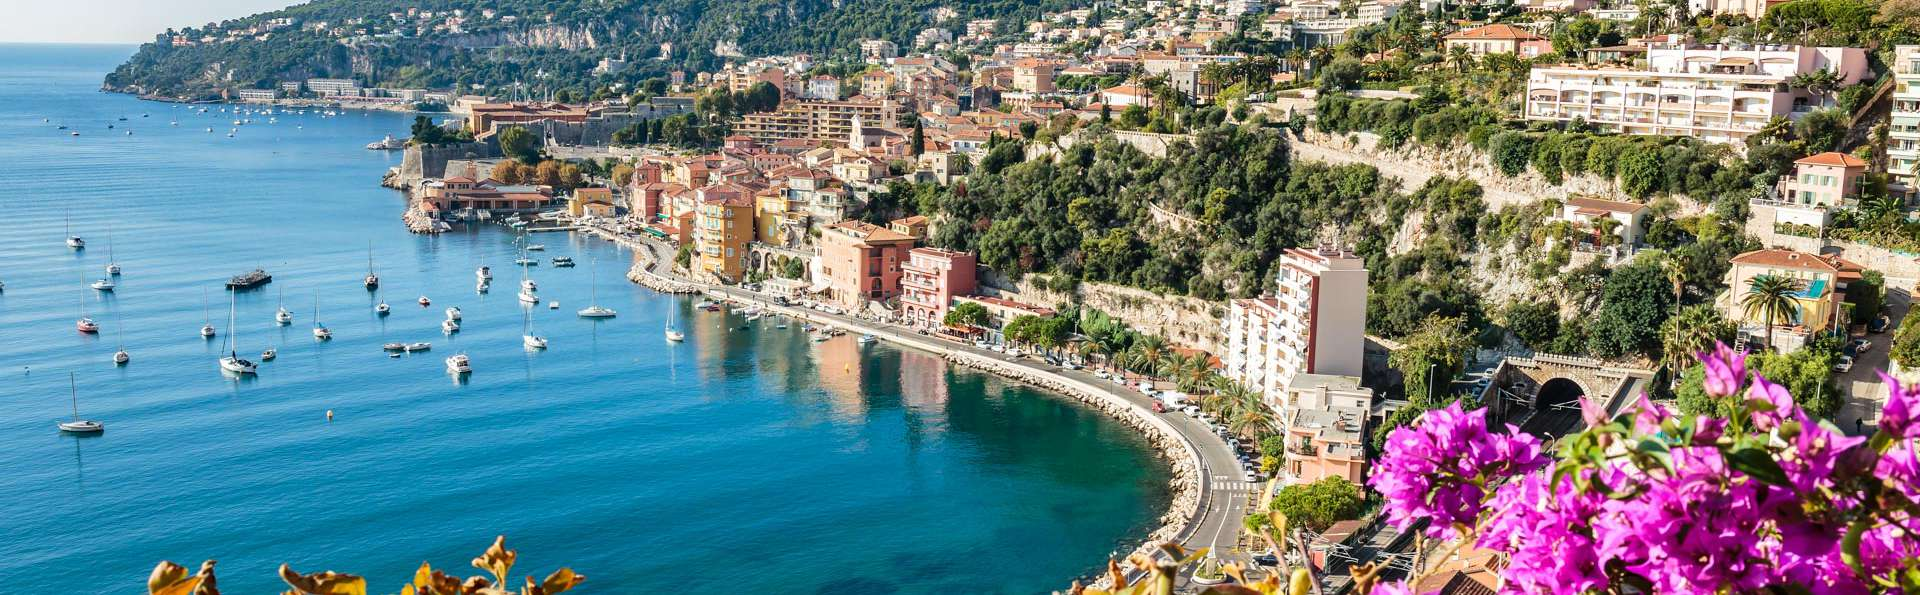 Brise iodée sur la Côte d'Azur